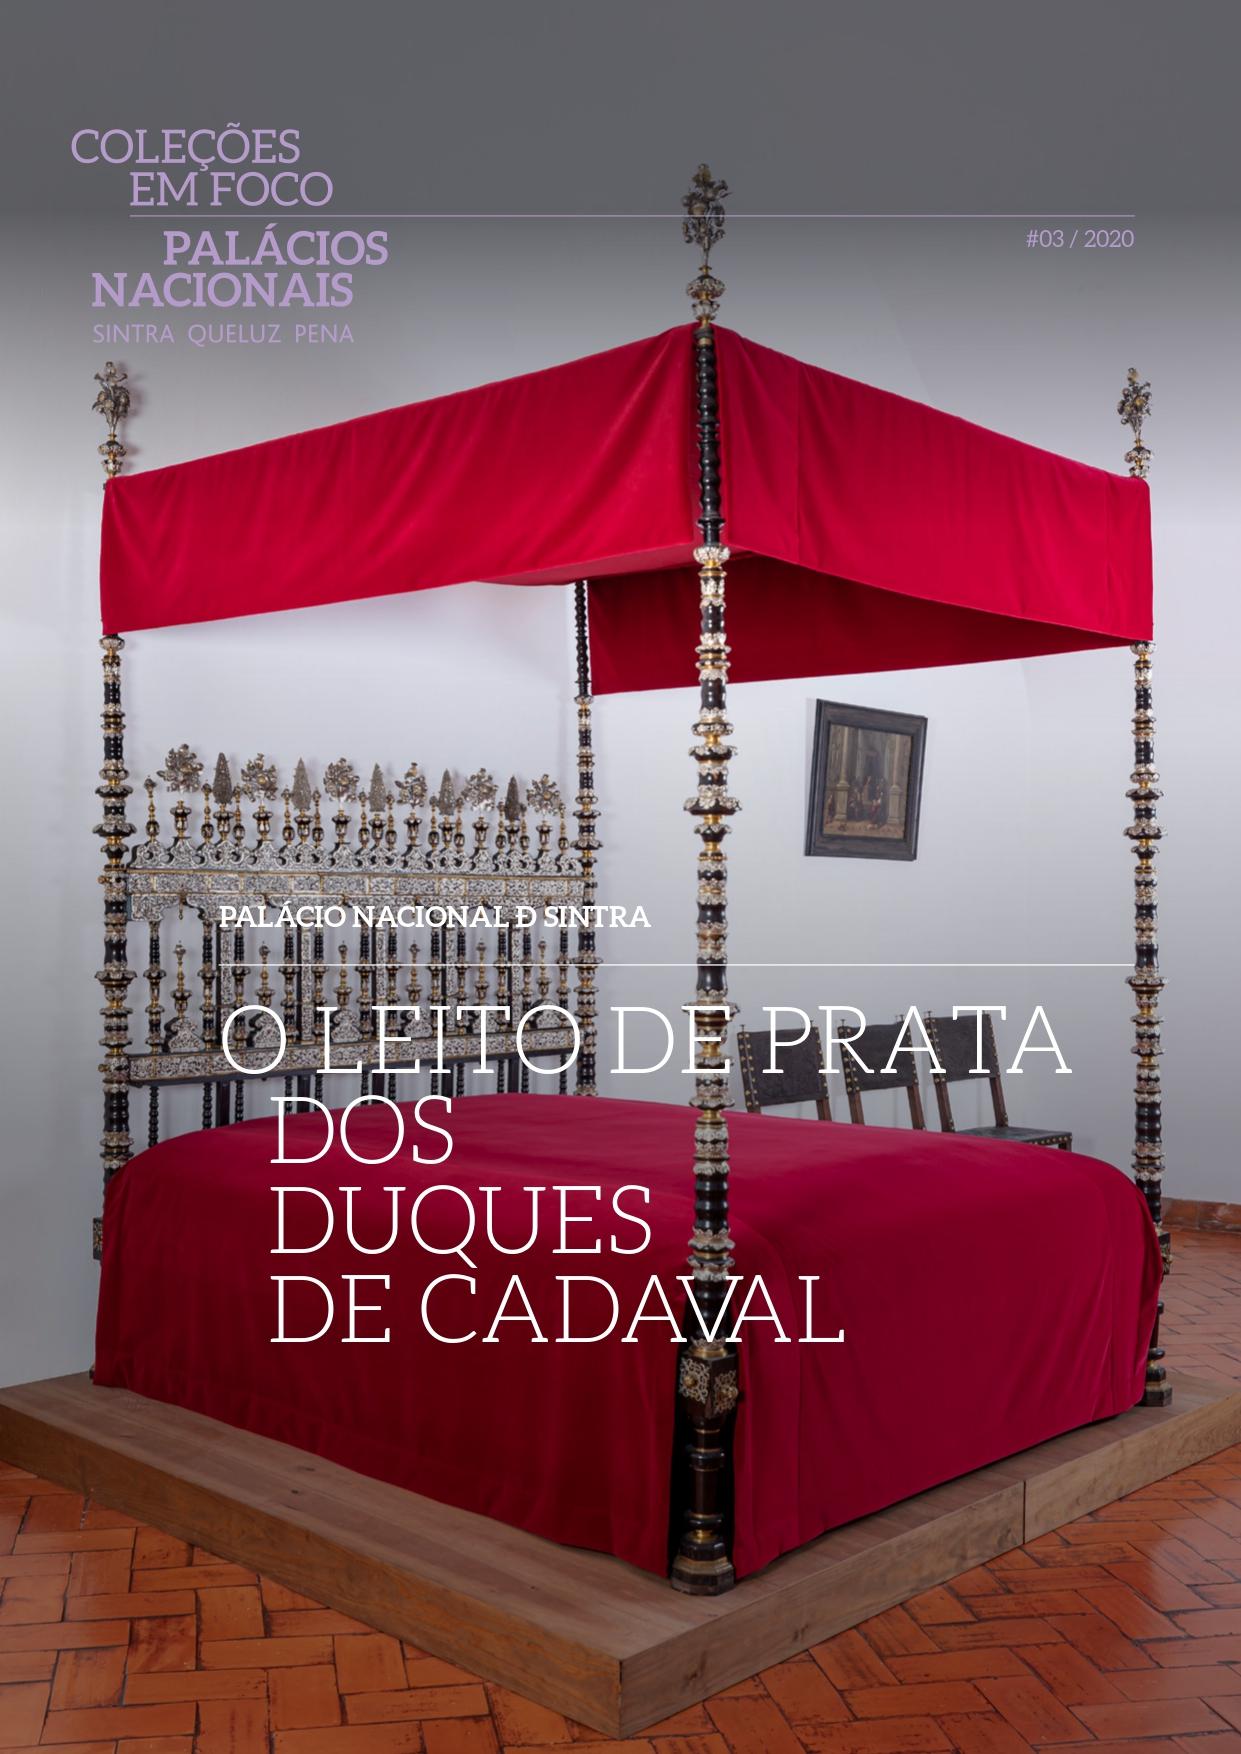 Capa da edição portuguesa © PSML - Foto Luís Duarte 2020